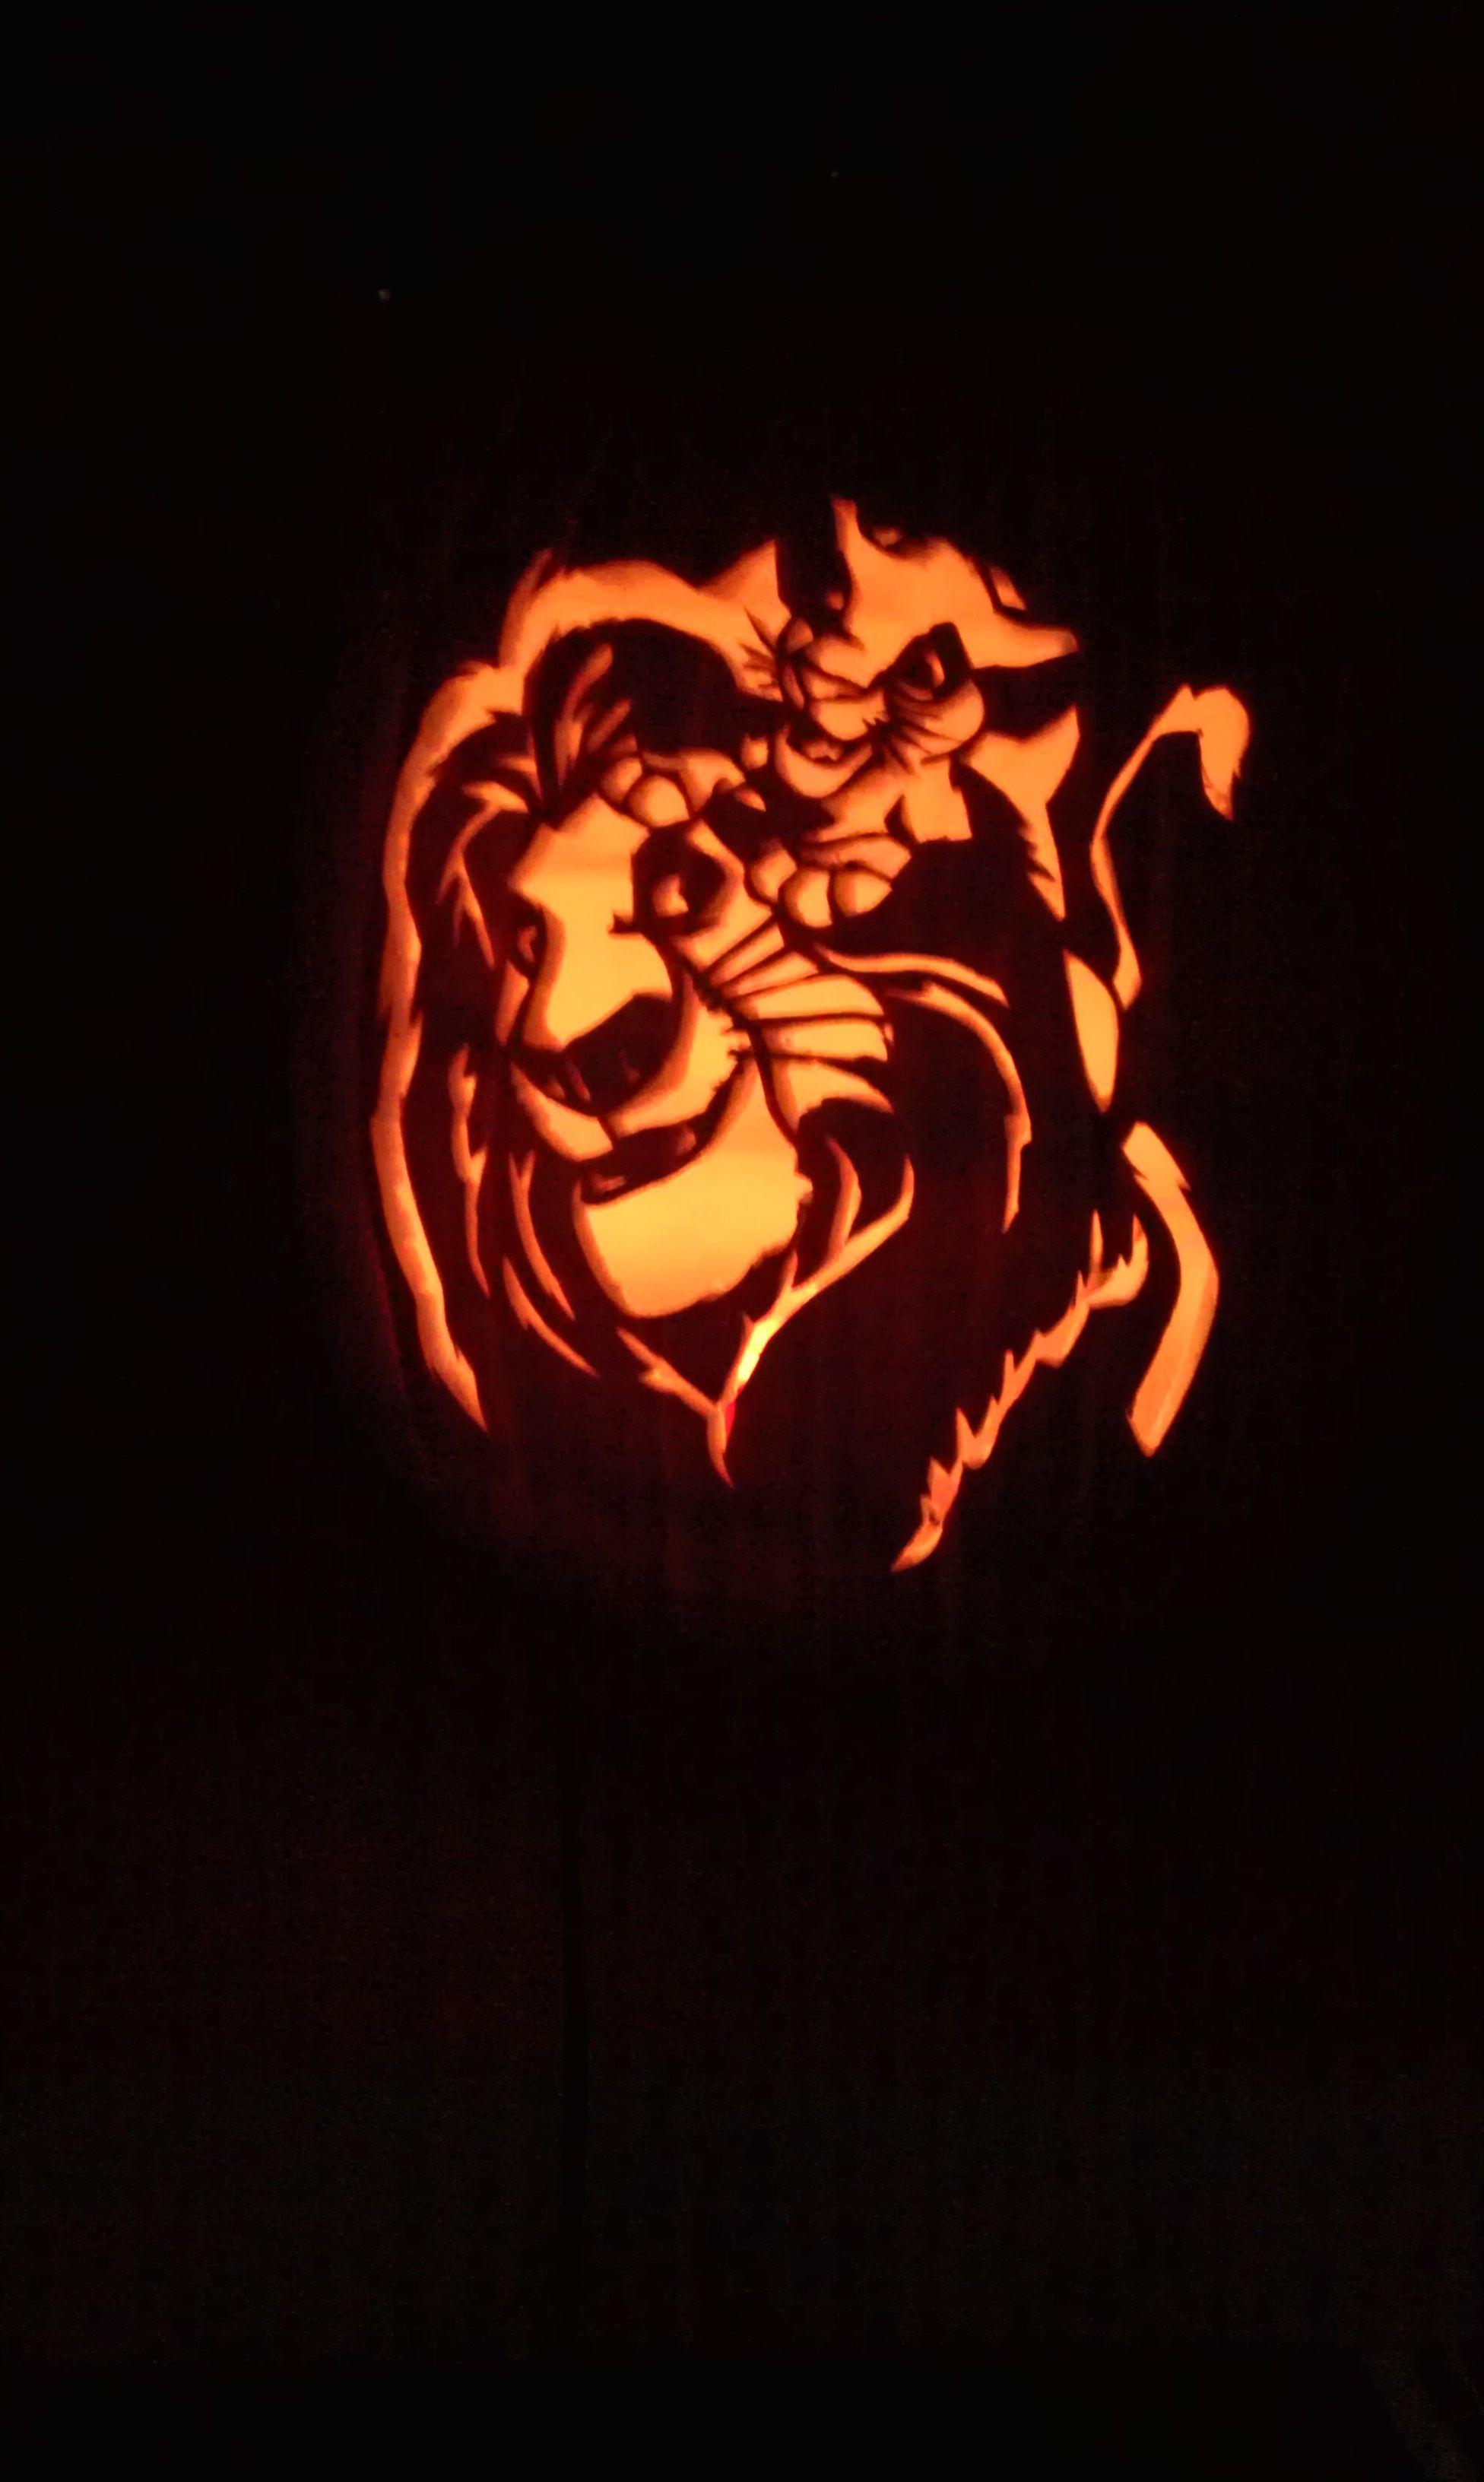 pumpkin template lion king  $5.5 Lion King pumpkin | Disney pumpkin carving, Pumpkin ...